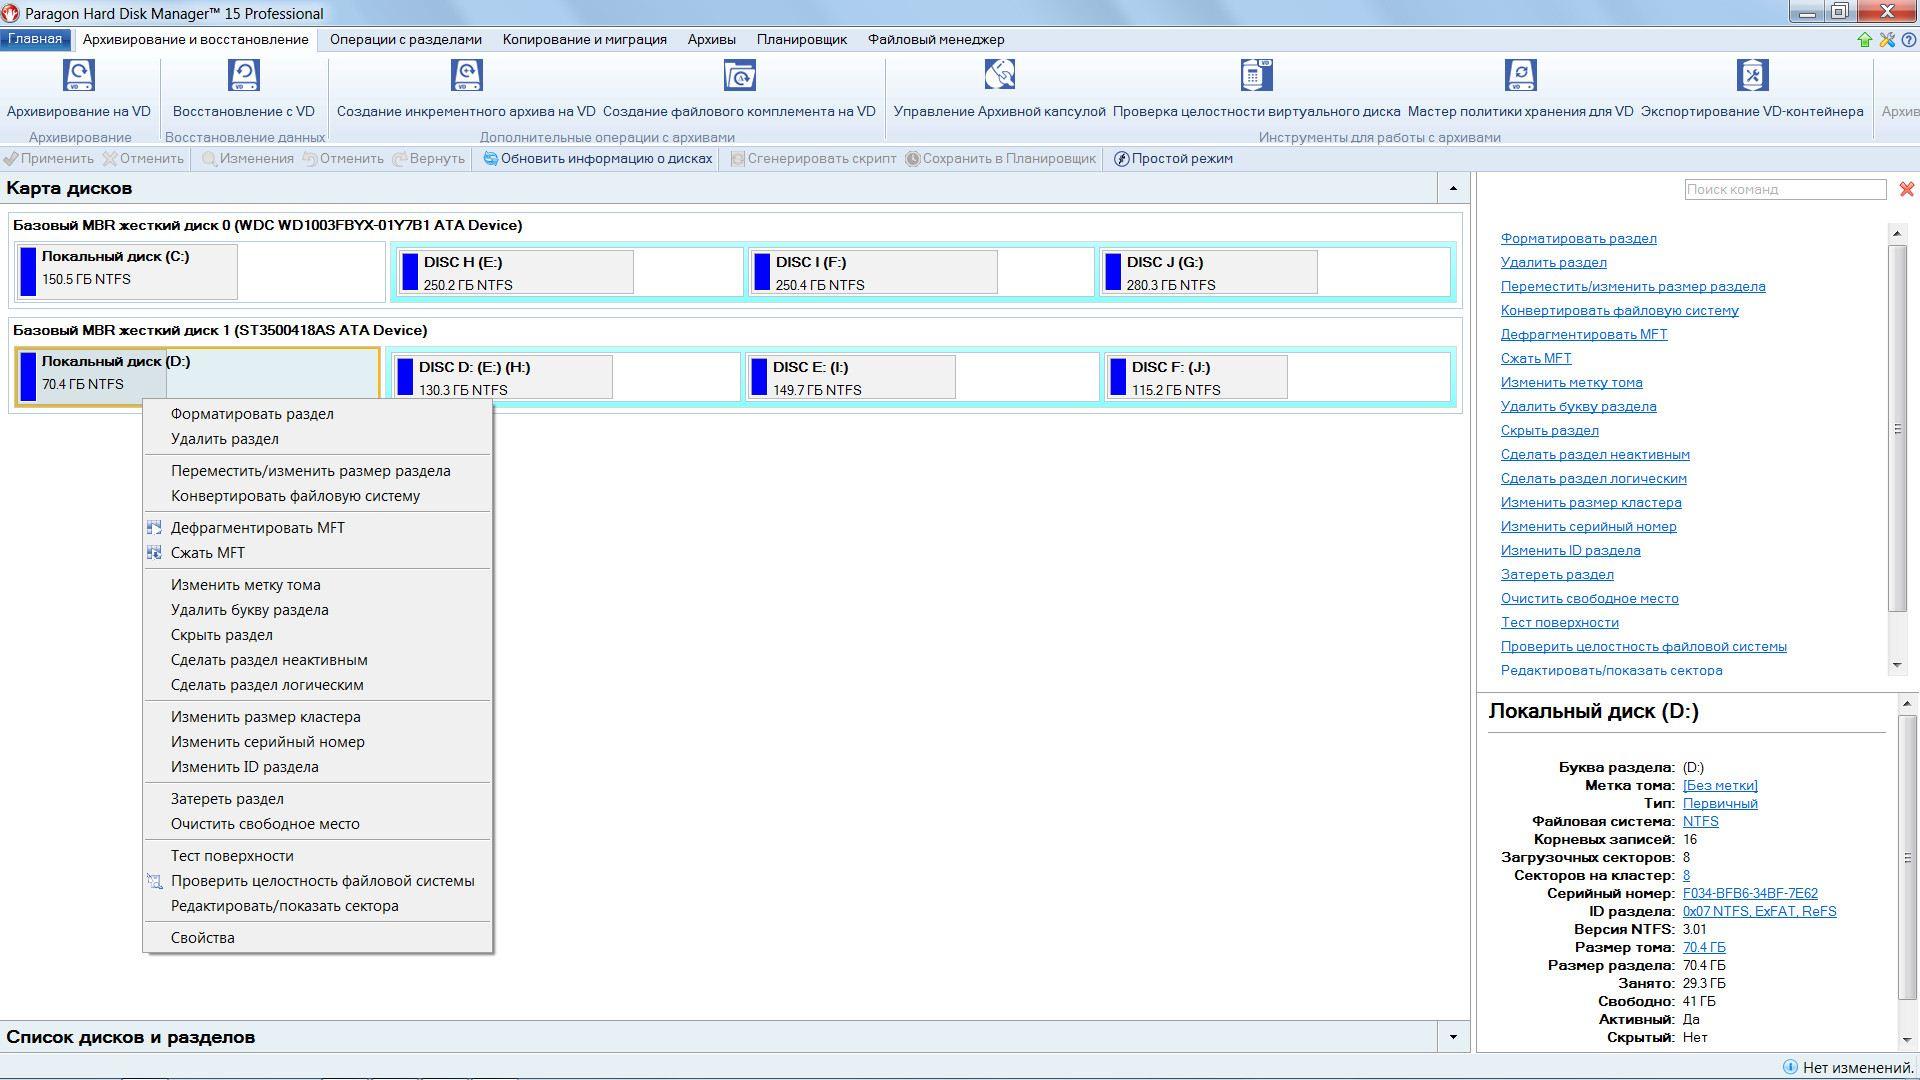 Раскрывая тайны Windows: как динамический диск сделать базовым? 78